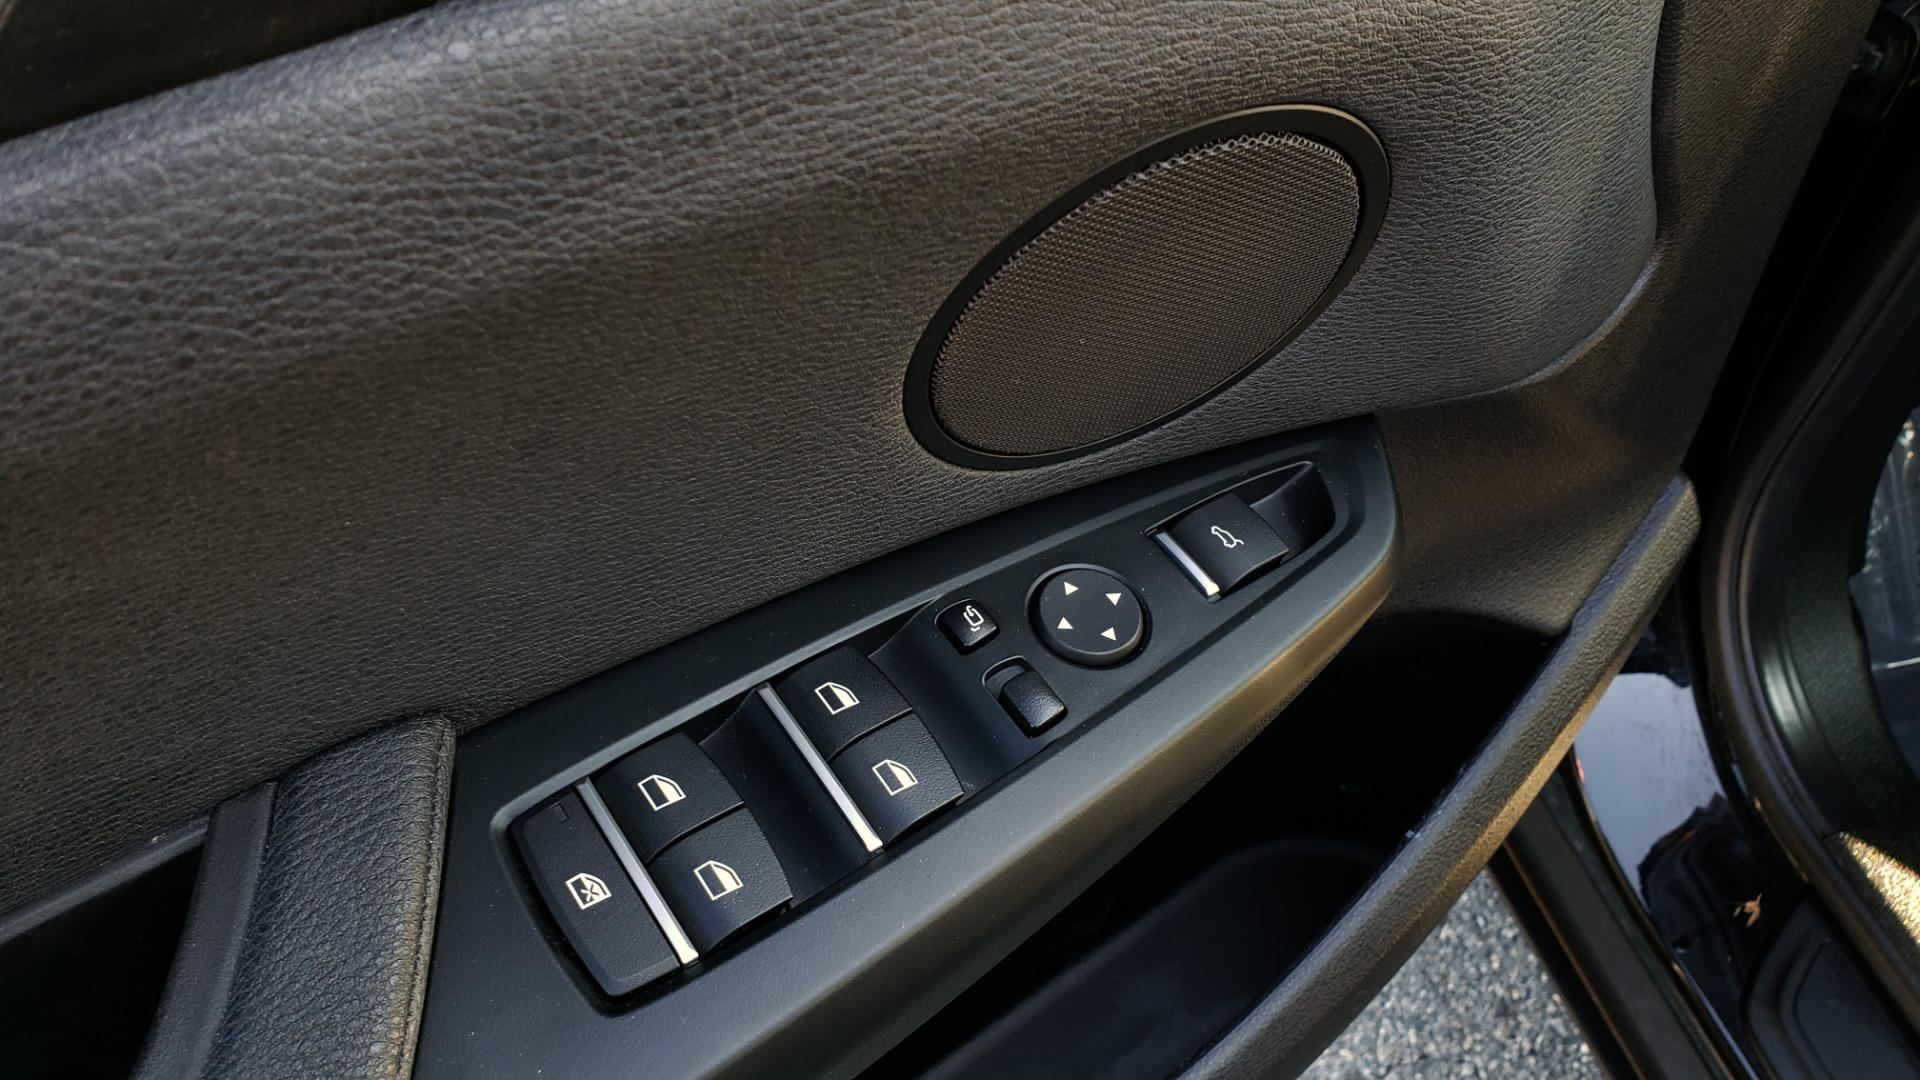 Used 2017 BMW X3 XDRIVE28I / PREM PKG / NAV / DRVR ASST / HTD STS / CAMERAS for sale Sold at Formula Imports in Charlotte NC 28227 39